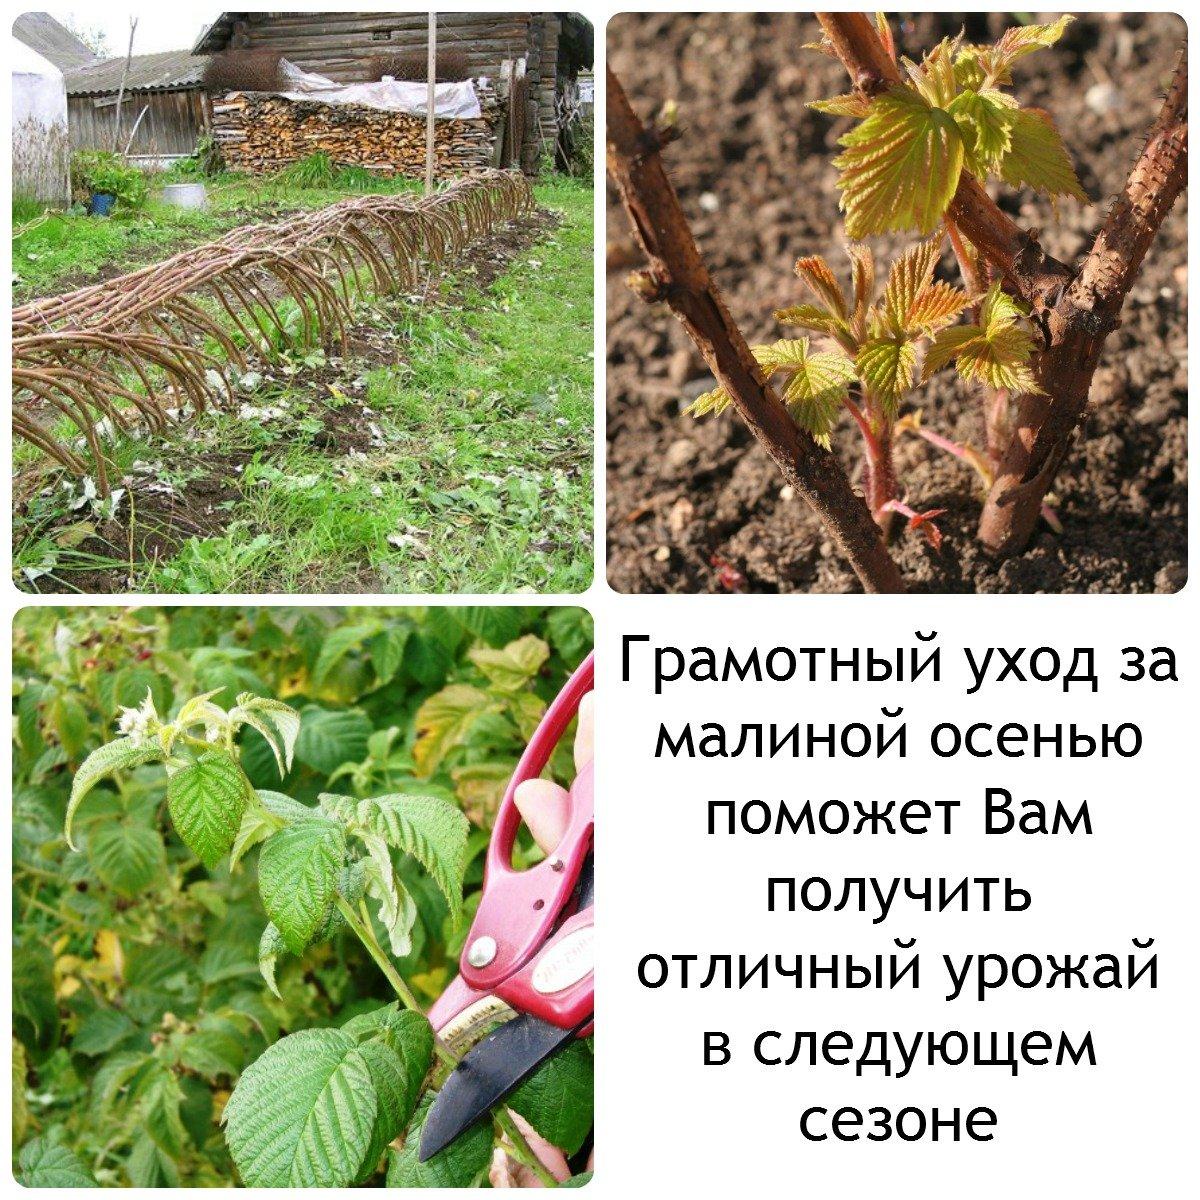 Уход за малиной осенью и подготовка к зиме: обрезка и укрытие